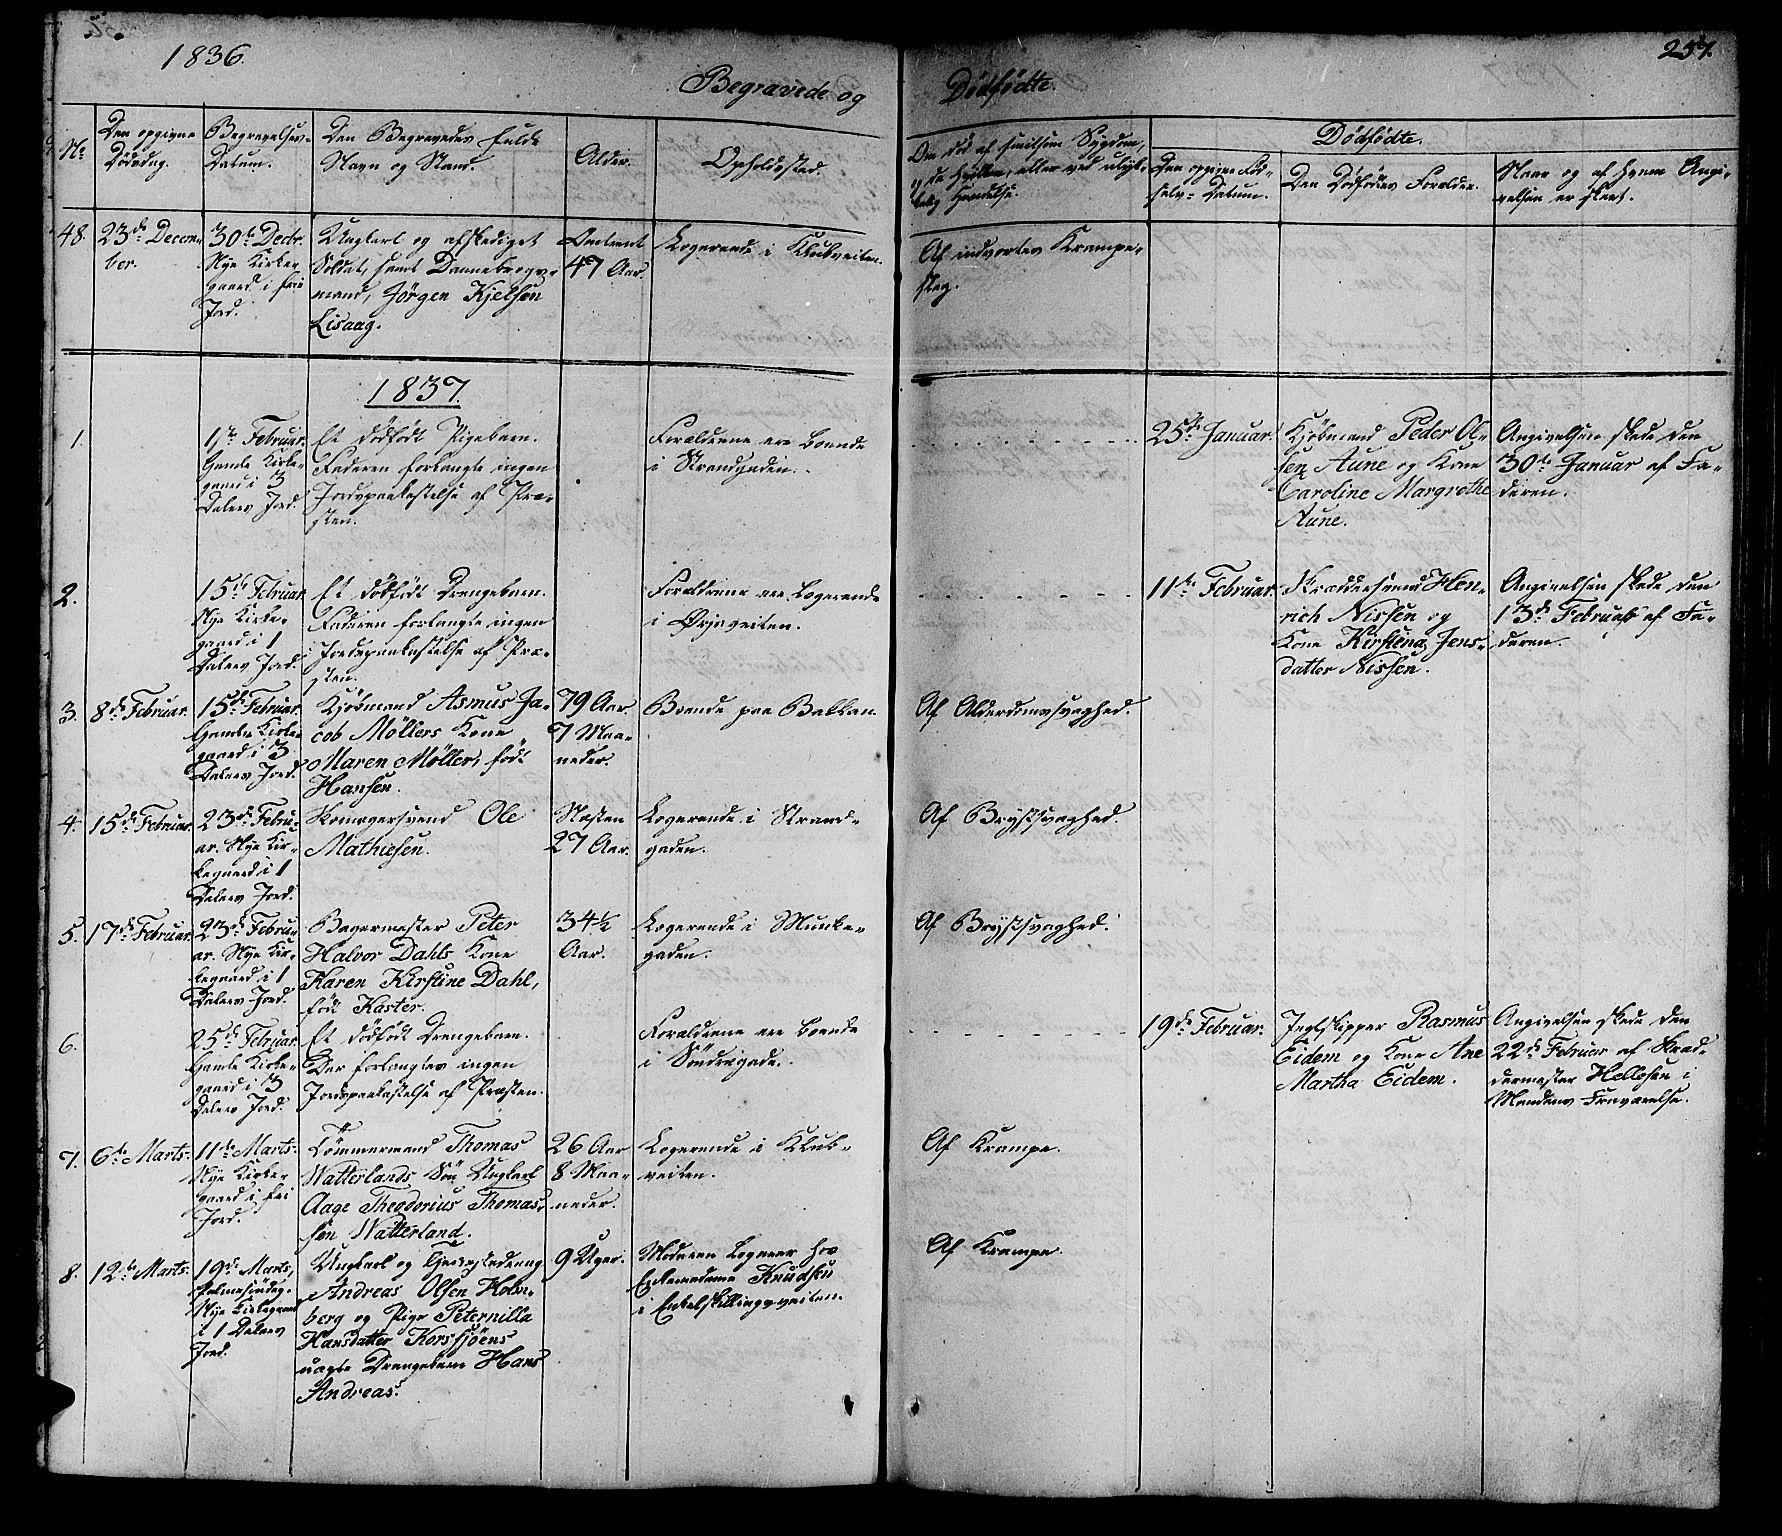 SAT, Ministerialprotokoller, klokkerbøker og fødselsregistre - Sør-Trøndelag, 602/L0136: Klokkerbok nr. 602C04, 1833-1845, s. 257